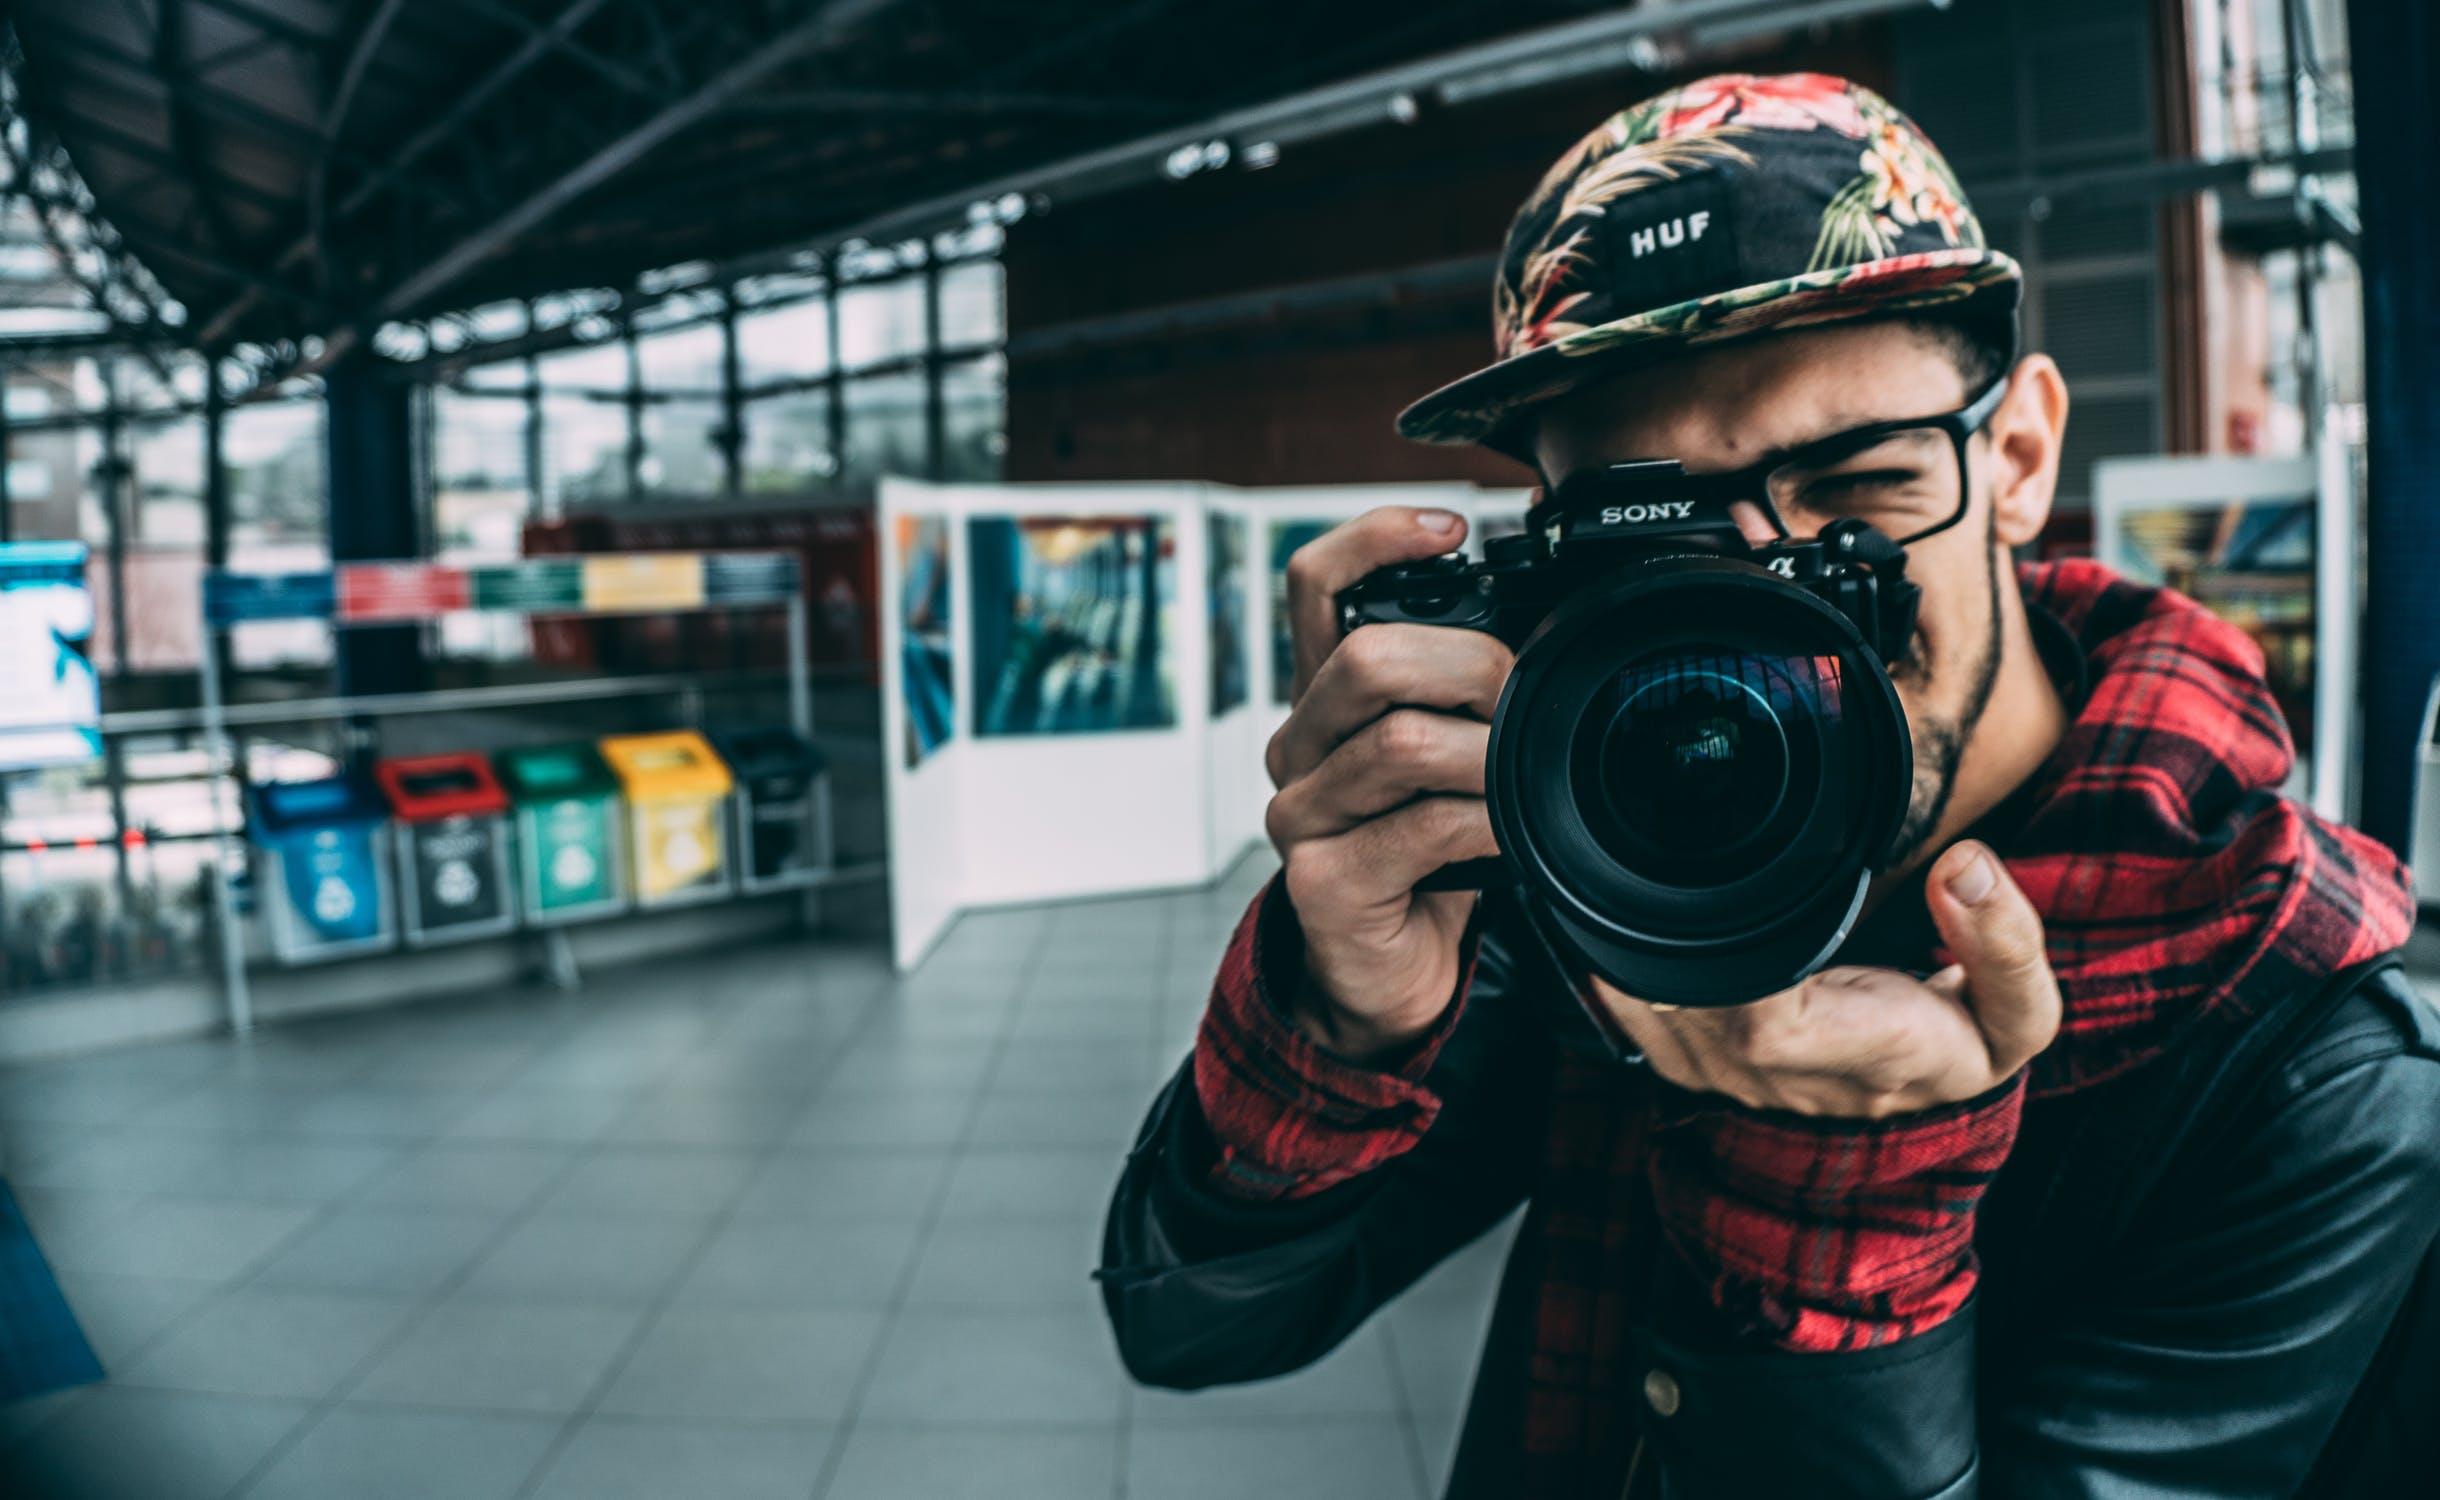 Video Journalist